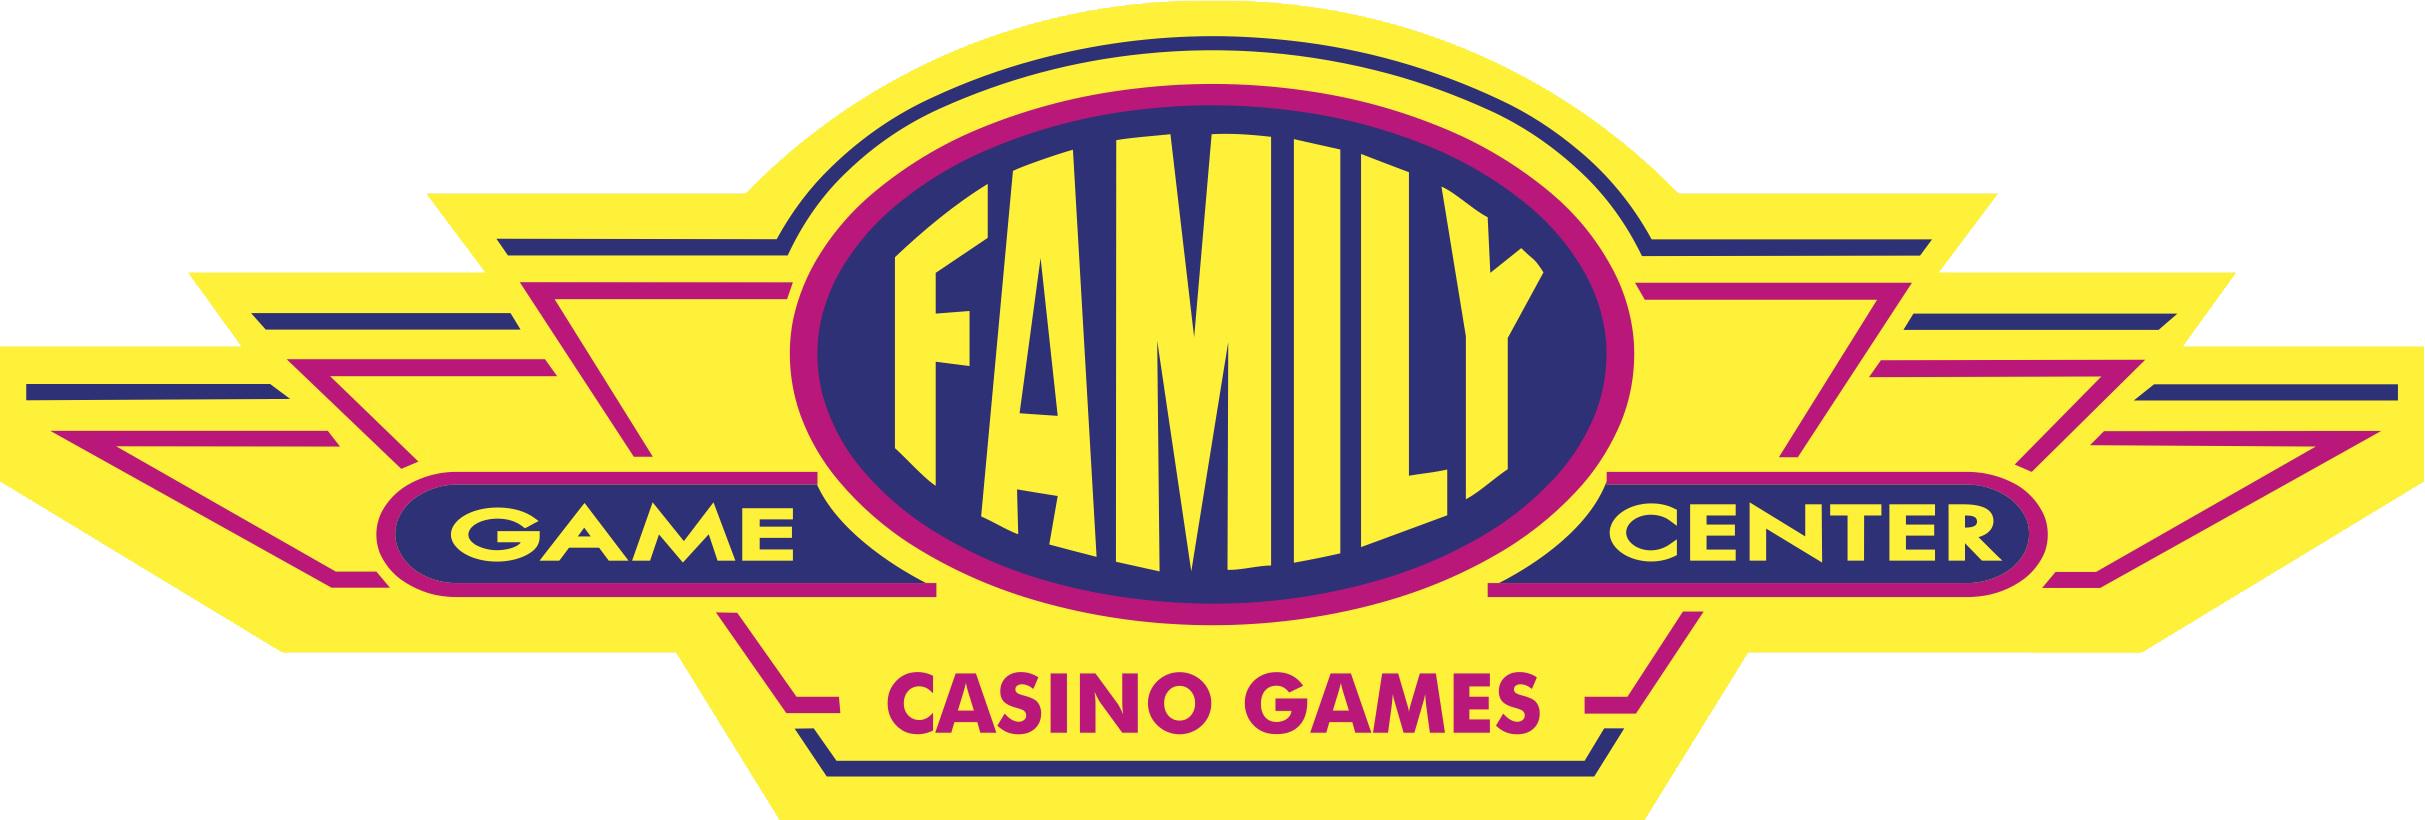 casino online spiele gaming logo erstellen